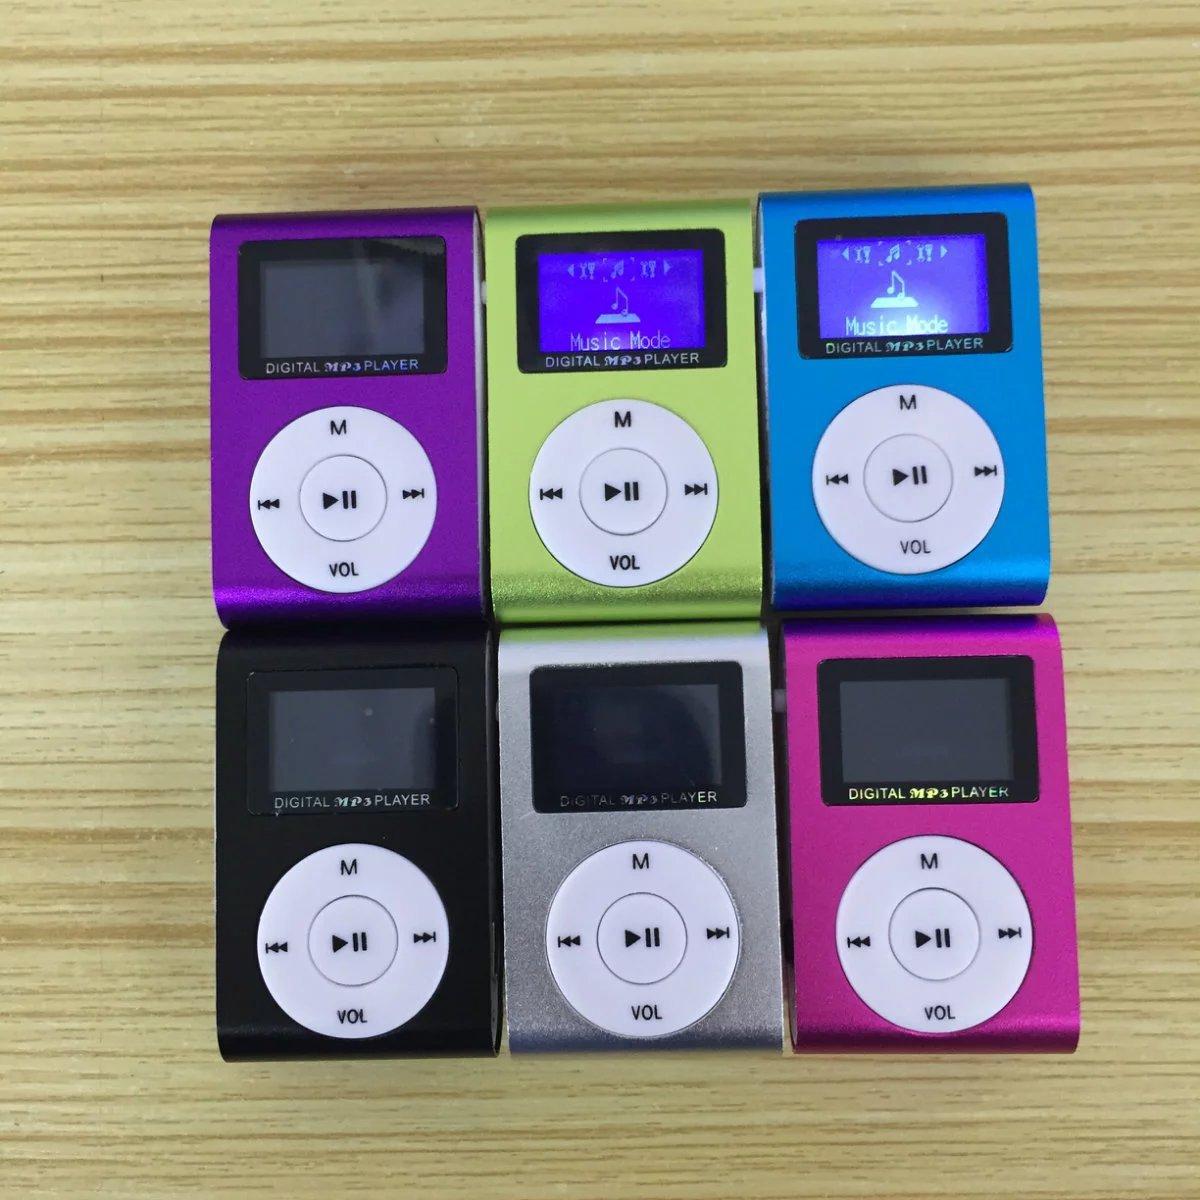 有屏夹子mp3播放器带屏金属小夹子MP3迷你运动带屏 不显示歌词名